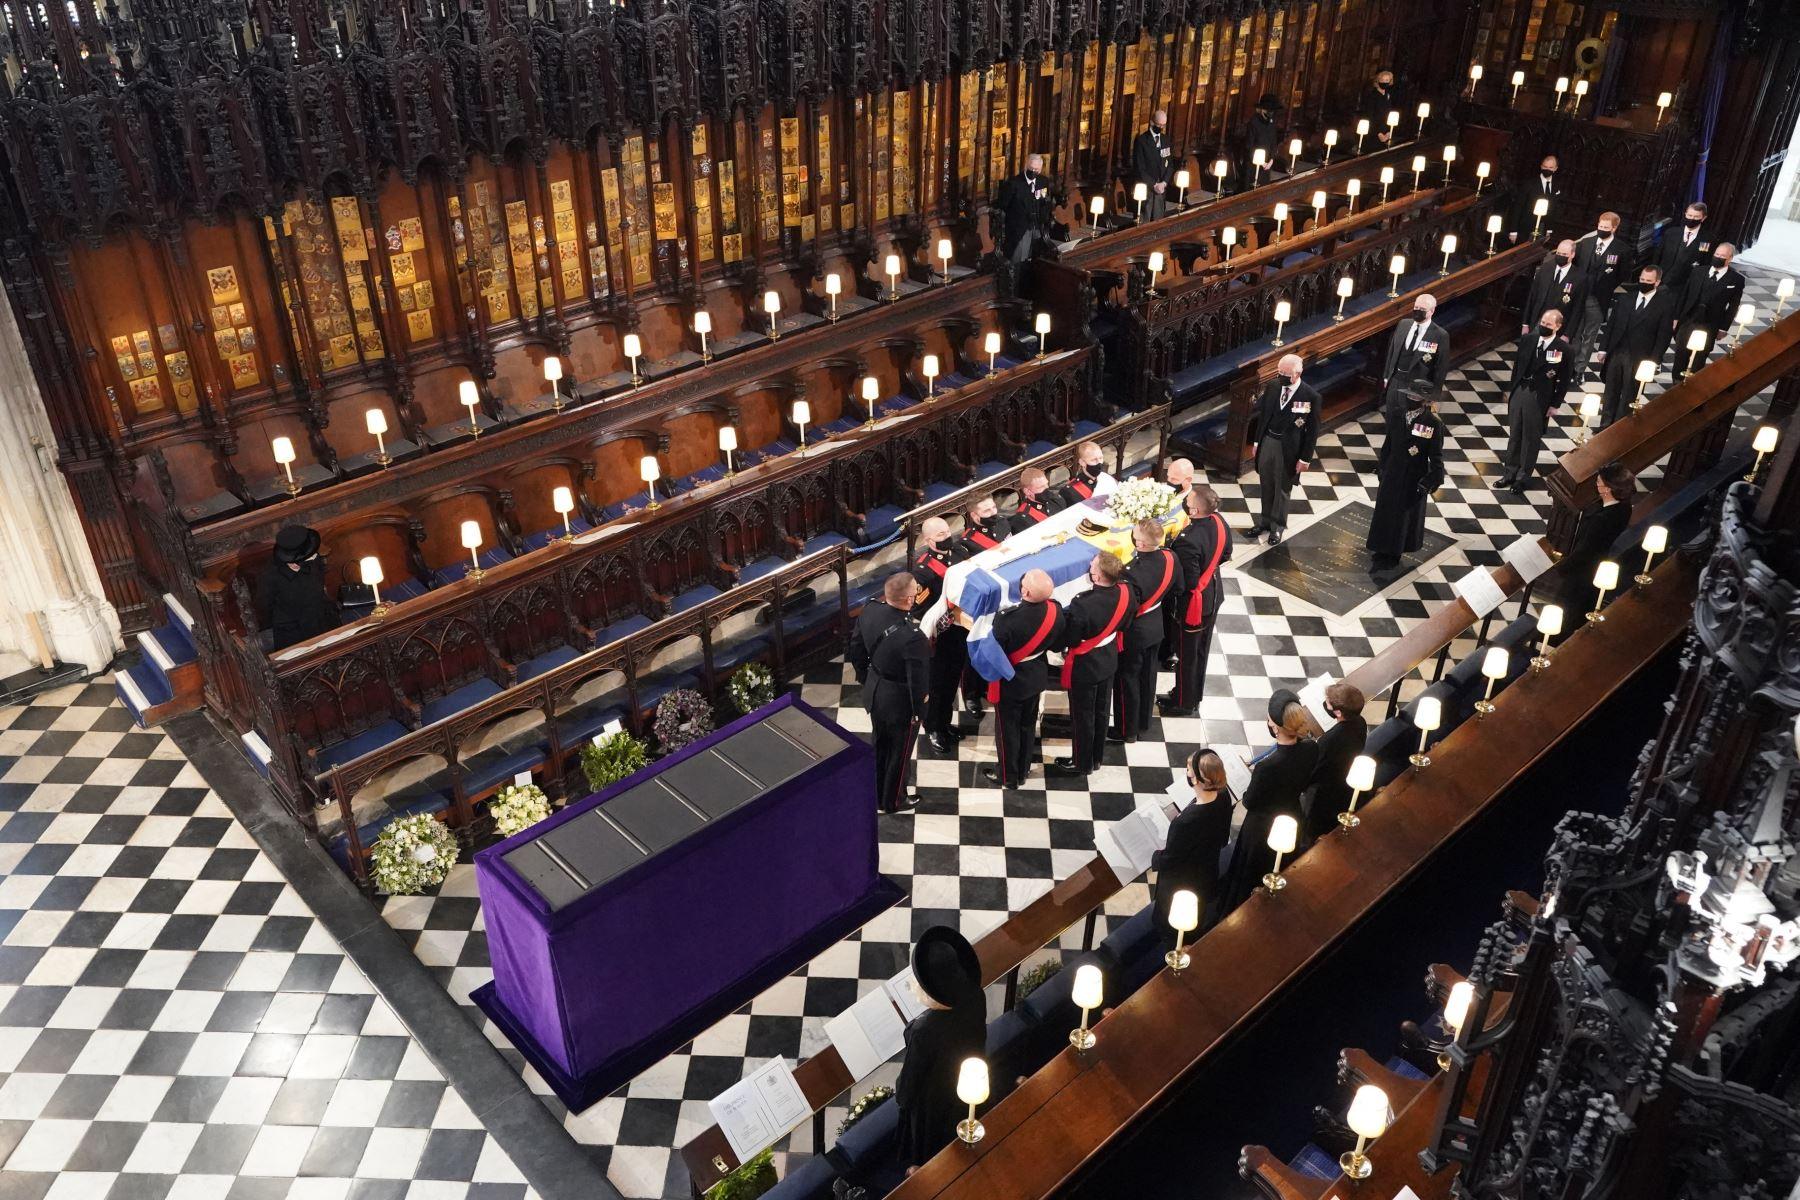 La reina Isabel II observa cómo los portadores del féretro llevan el ataúd del príncipe Felipe de Gran Bretaña, duque de Edimburgo, durante su funeral dentro de la Capilla de San Jorge en el Castillo de Windsor. Foto: AFP